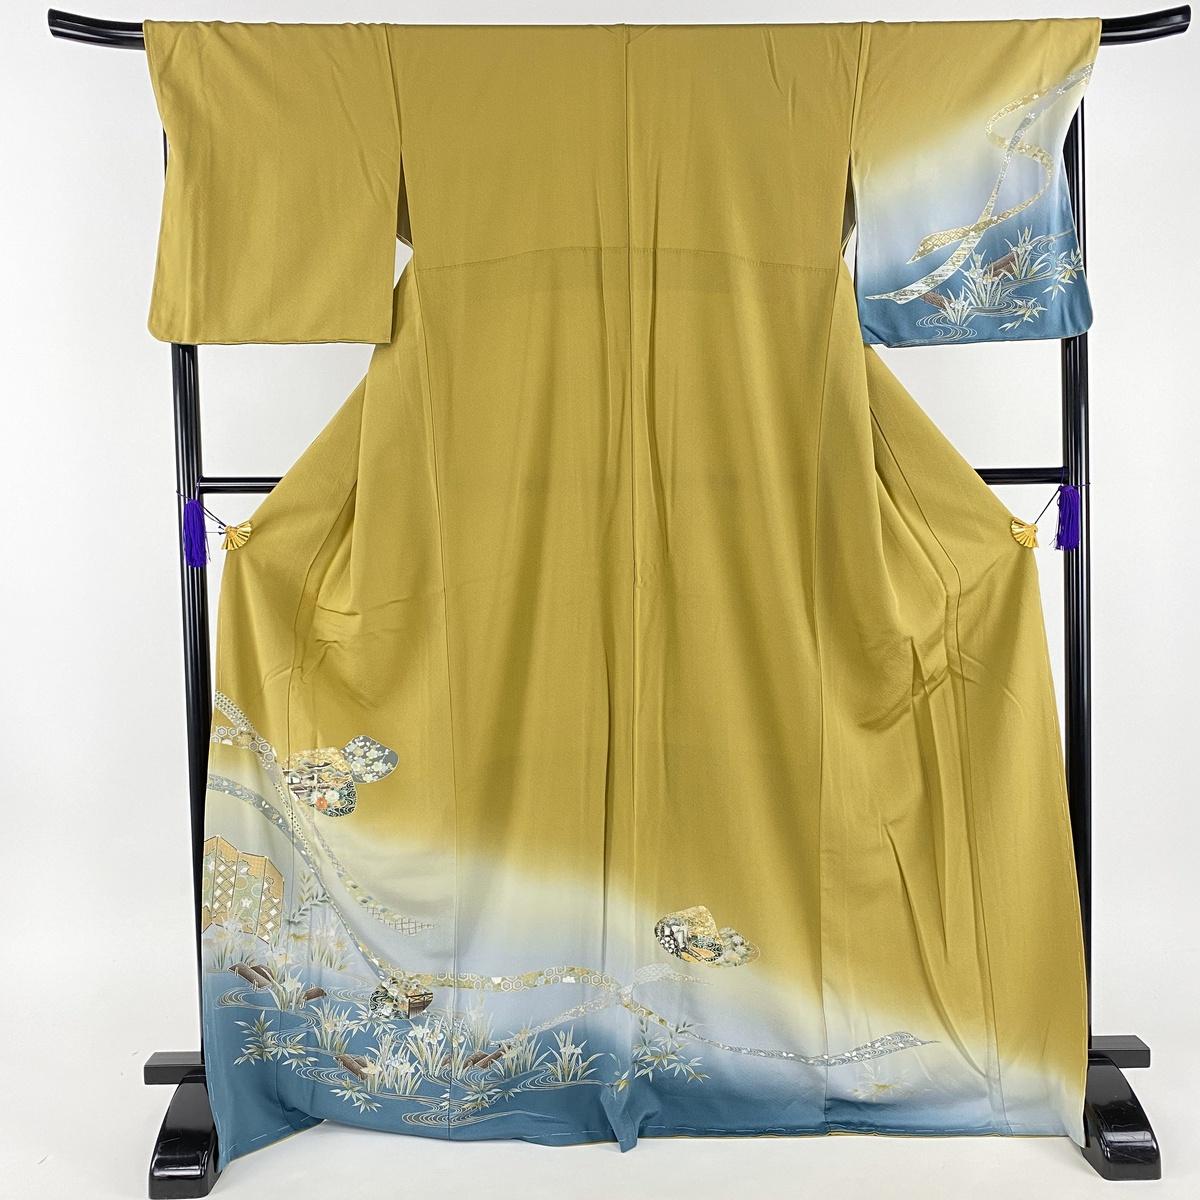 訪問着 美品 名品 貝合せ 水辺の風景 金銀彩 螺鈿 黄土色 袷 身丈171cm 裄丈69.5cm L 正絹 【中古】